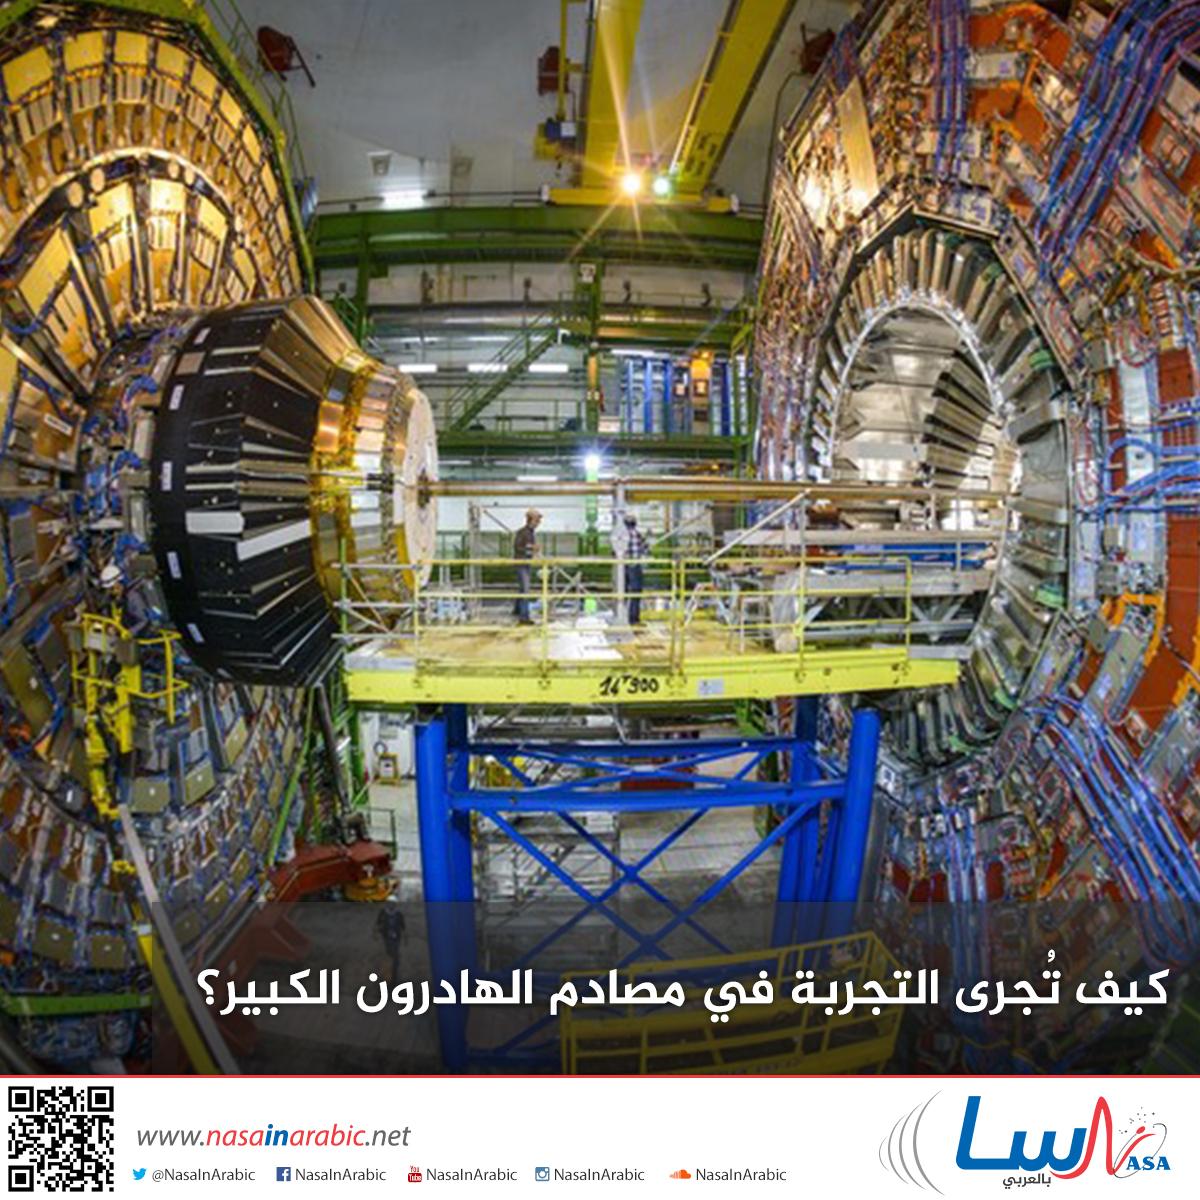 كيف تُجرى التجربة في مصادم الهادرون الكبير؟